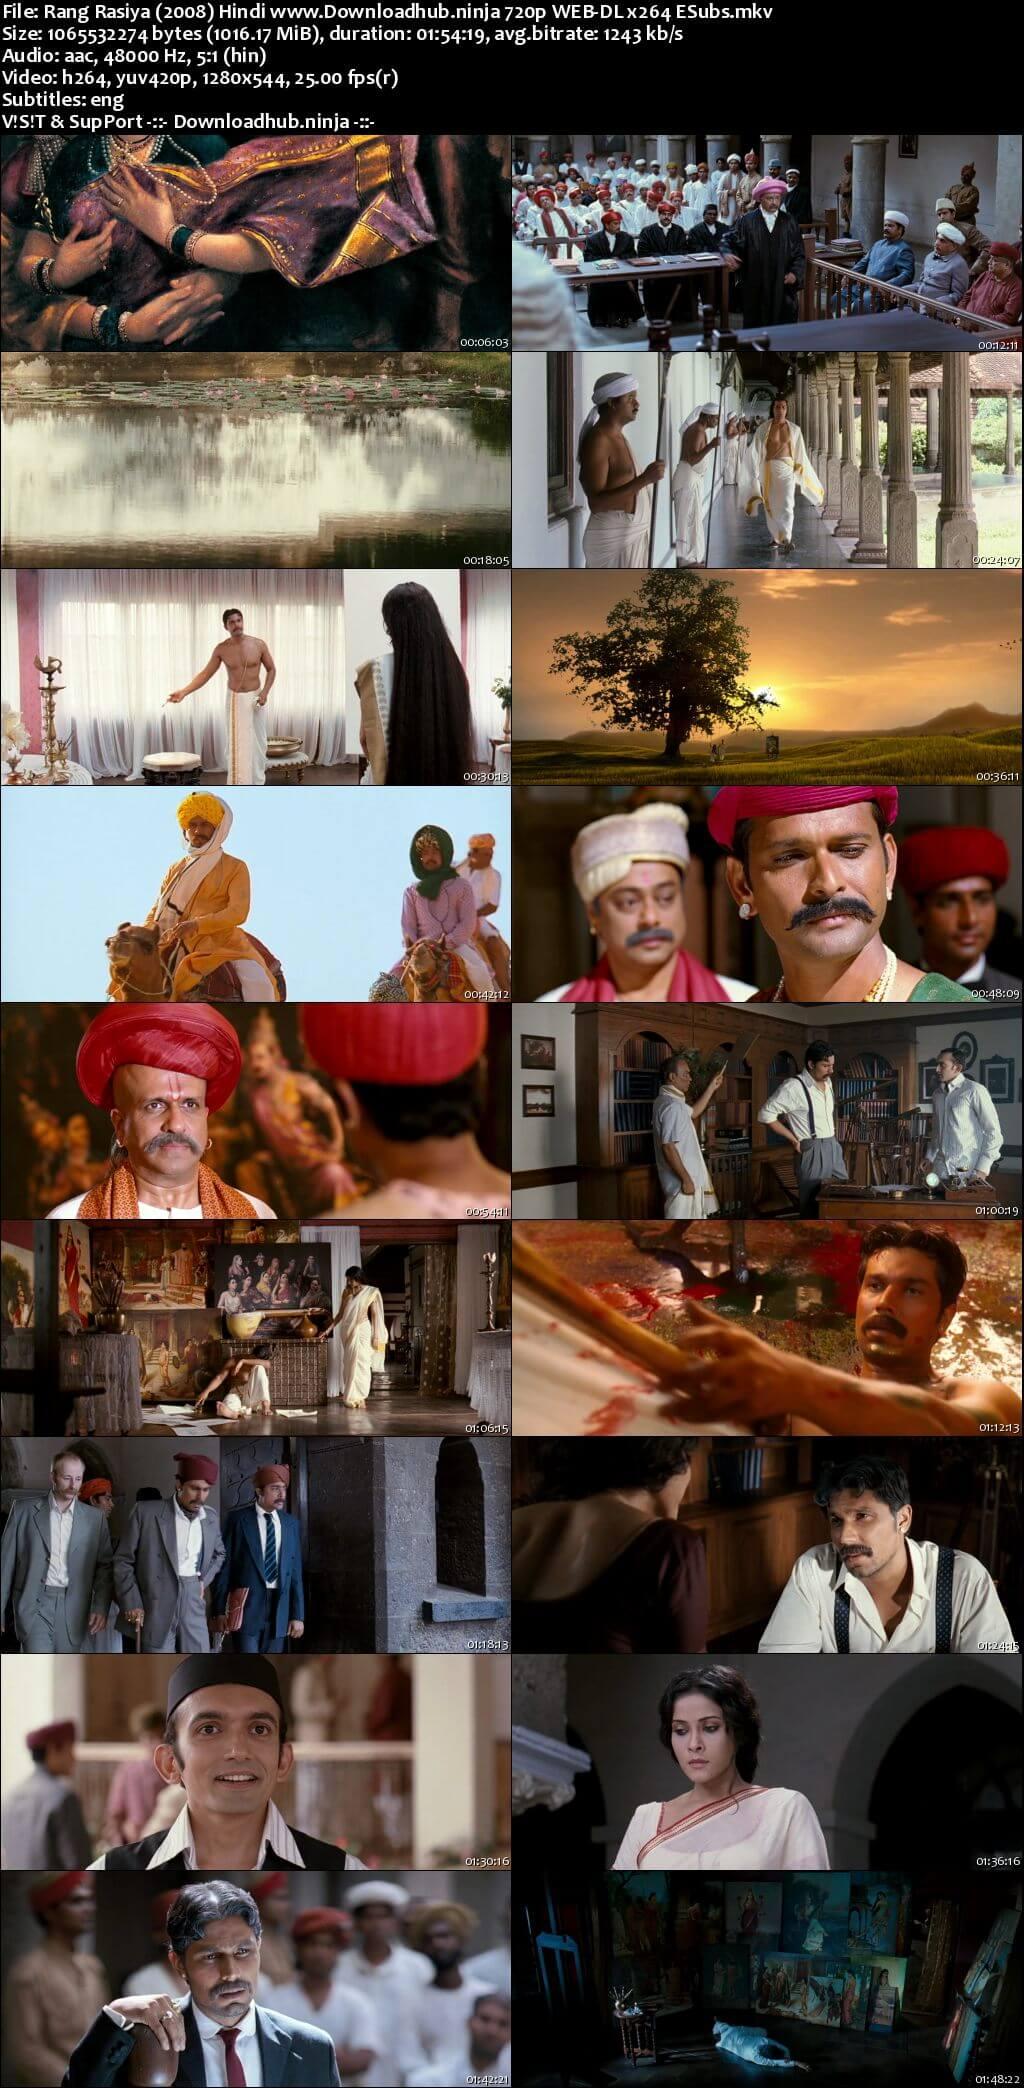 Rang Rasiya 2008 Hindi 720p HDRip ESubs